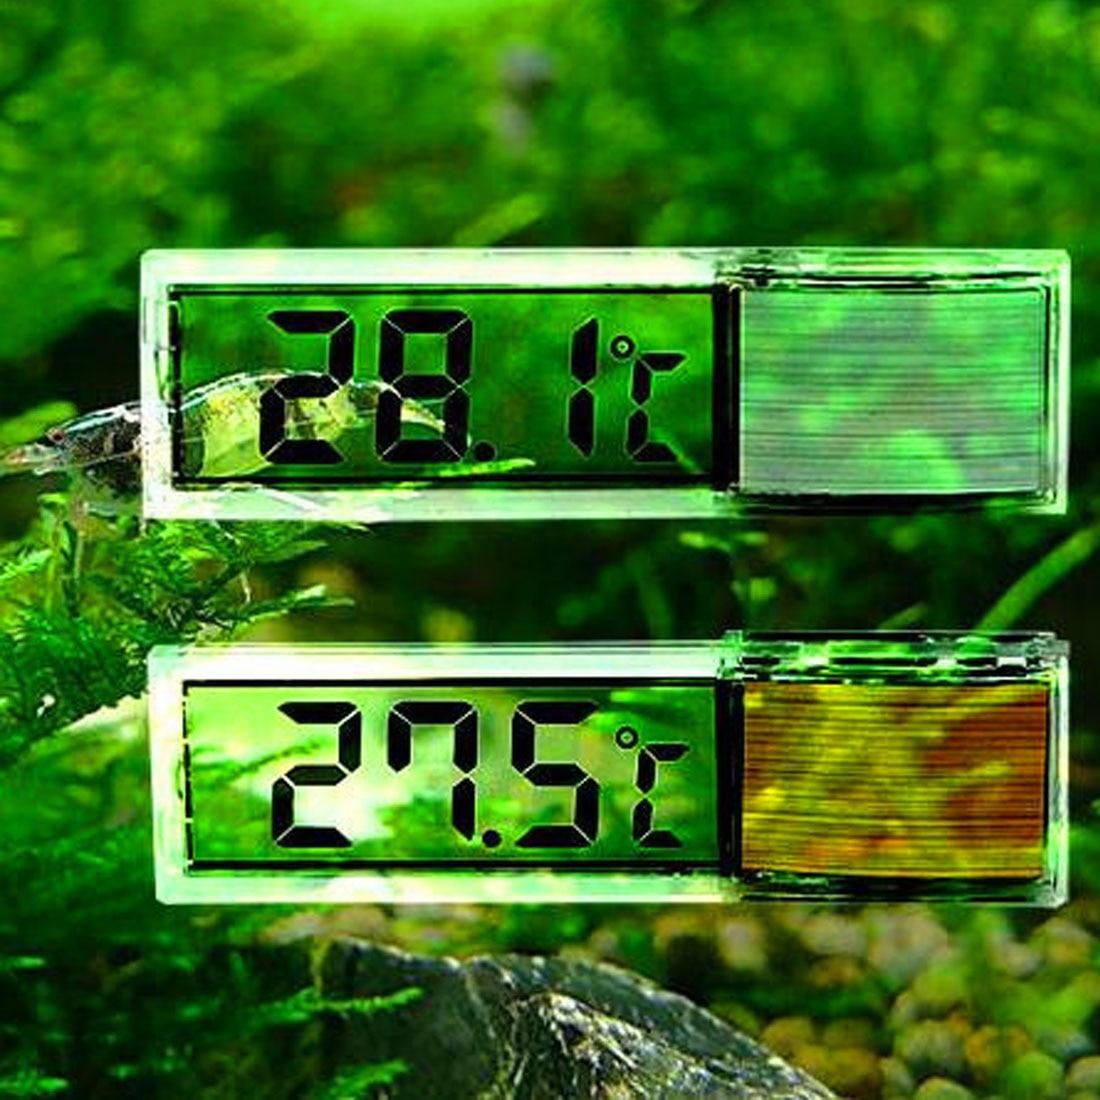 Multi-Functional LCD 3D Digital Electronic Temperature Measurement Fish Tank Temp Meter Aquarium Thermometer